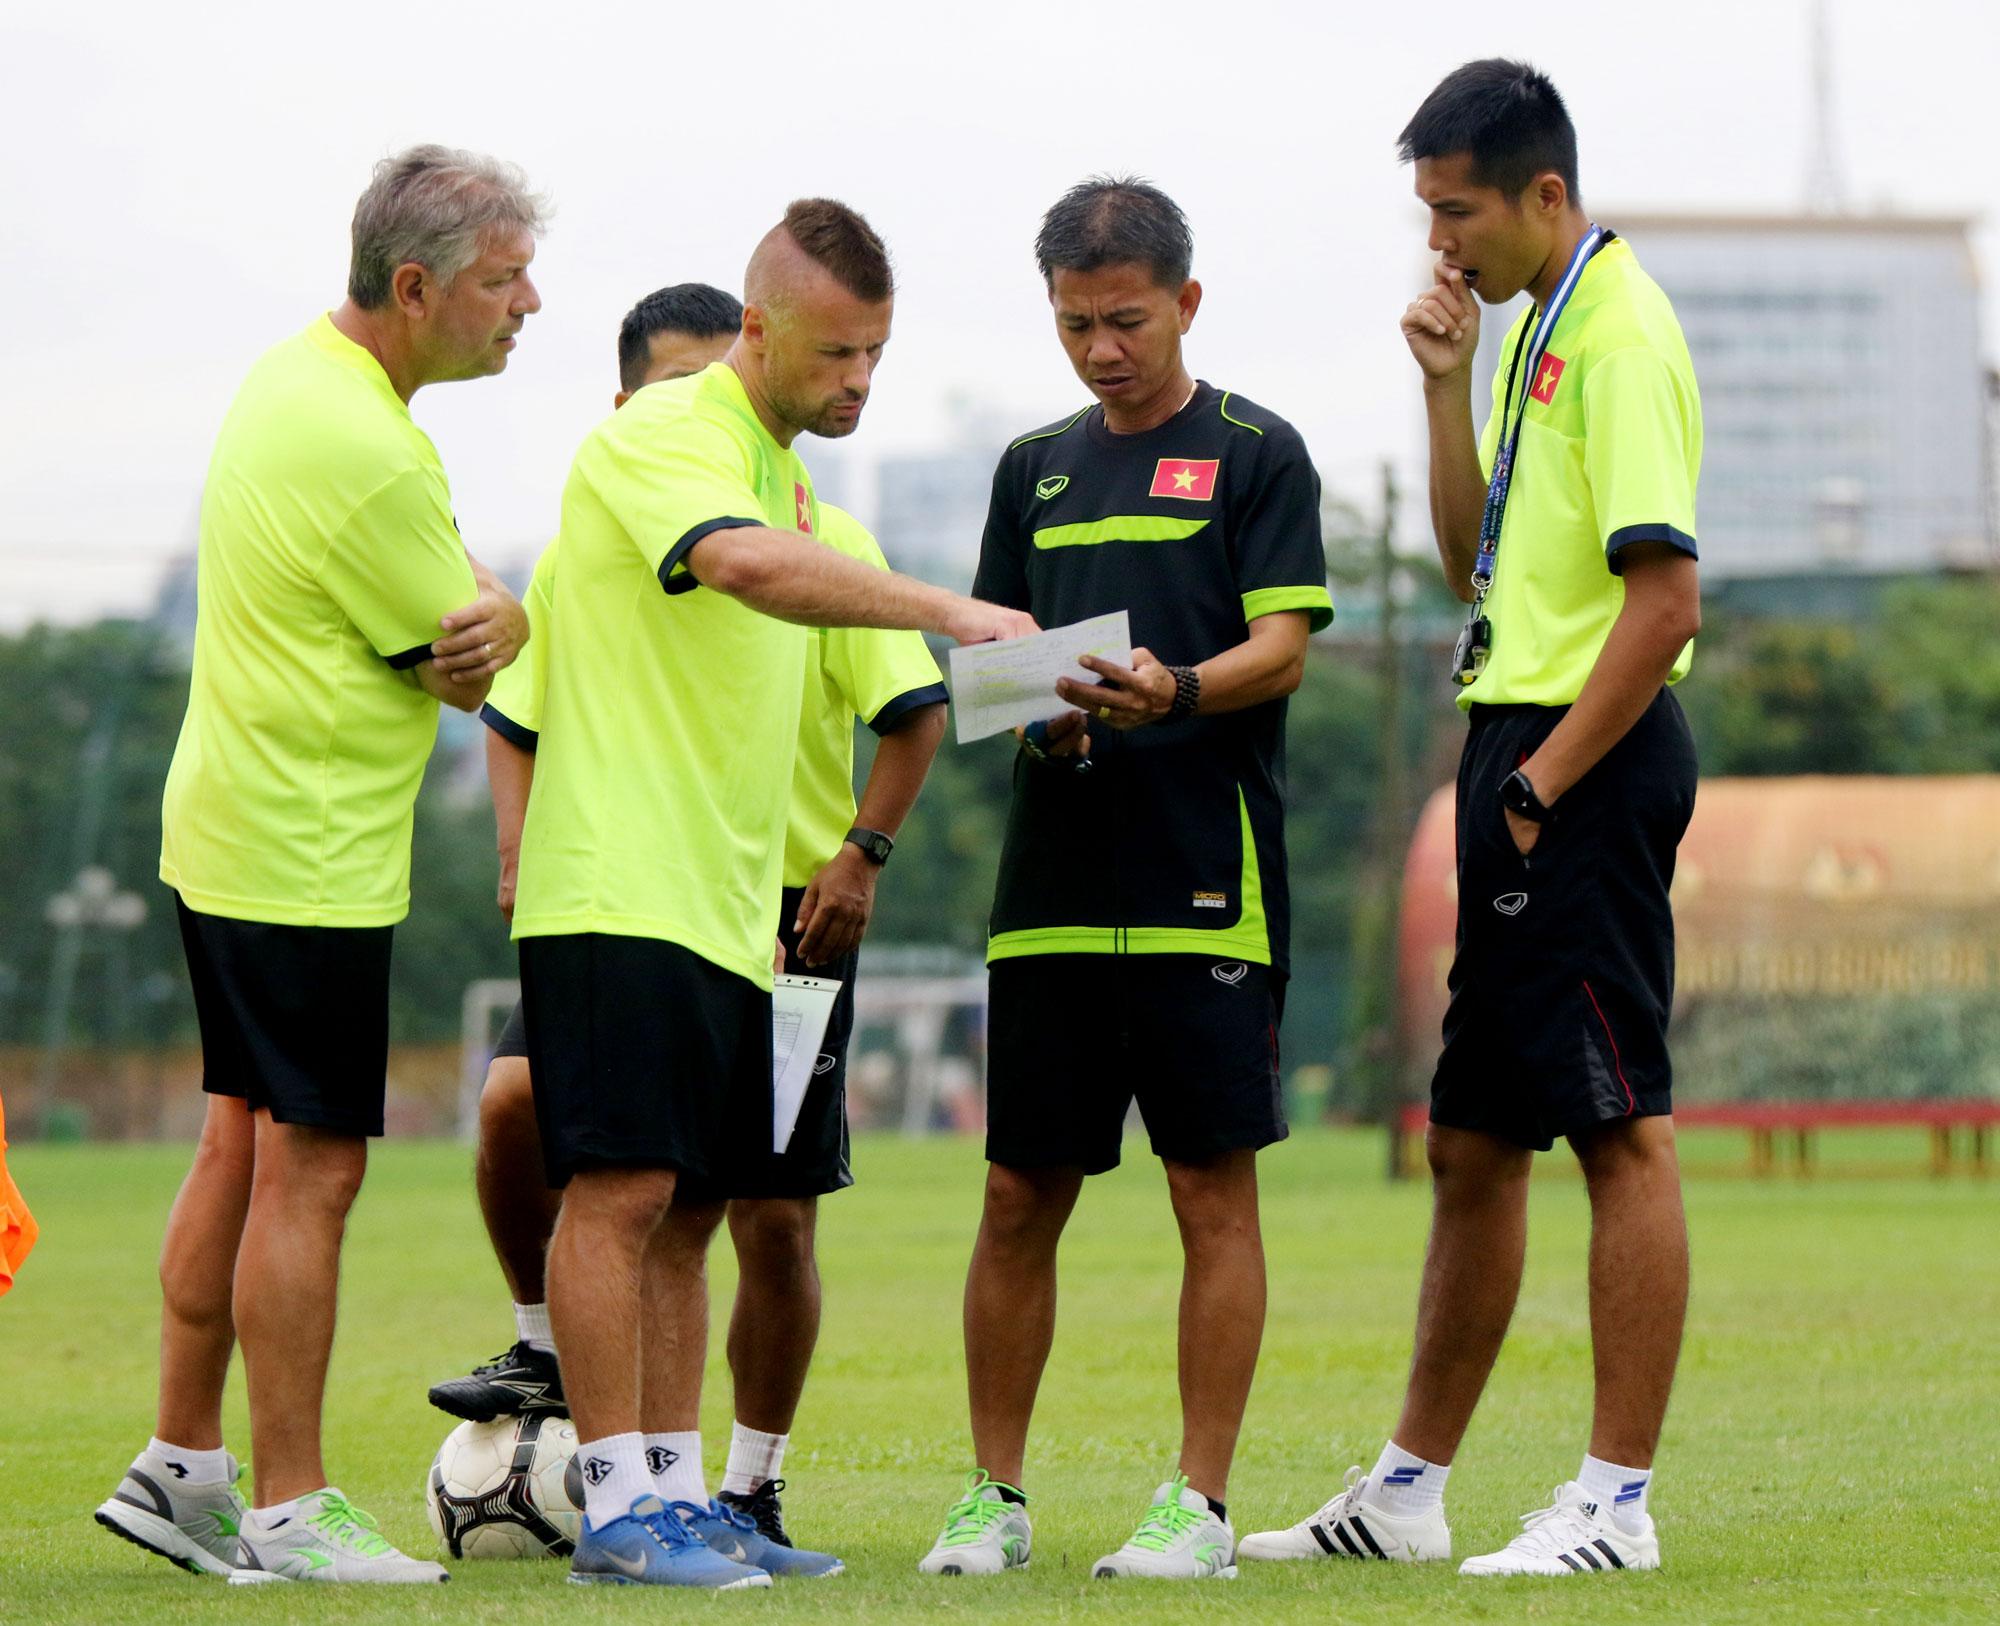 Đội tuyển U19 tập chung chuẩn bị cho giải  vô địch U19 Đông Nam Á 2016 tại Trung tâm đào tạo Bóng đá